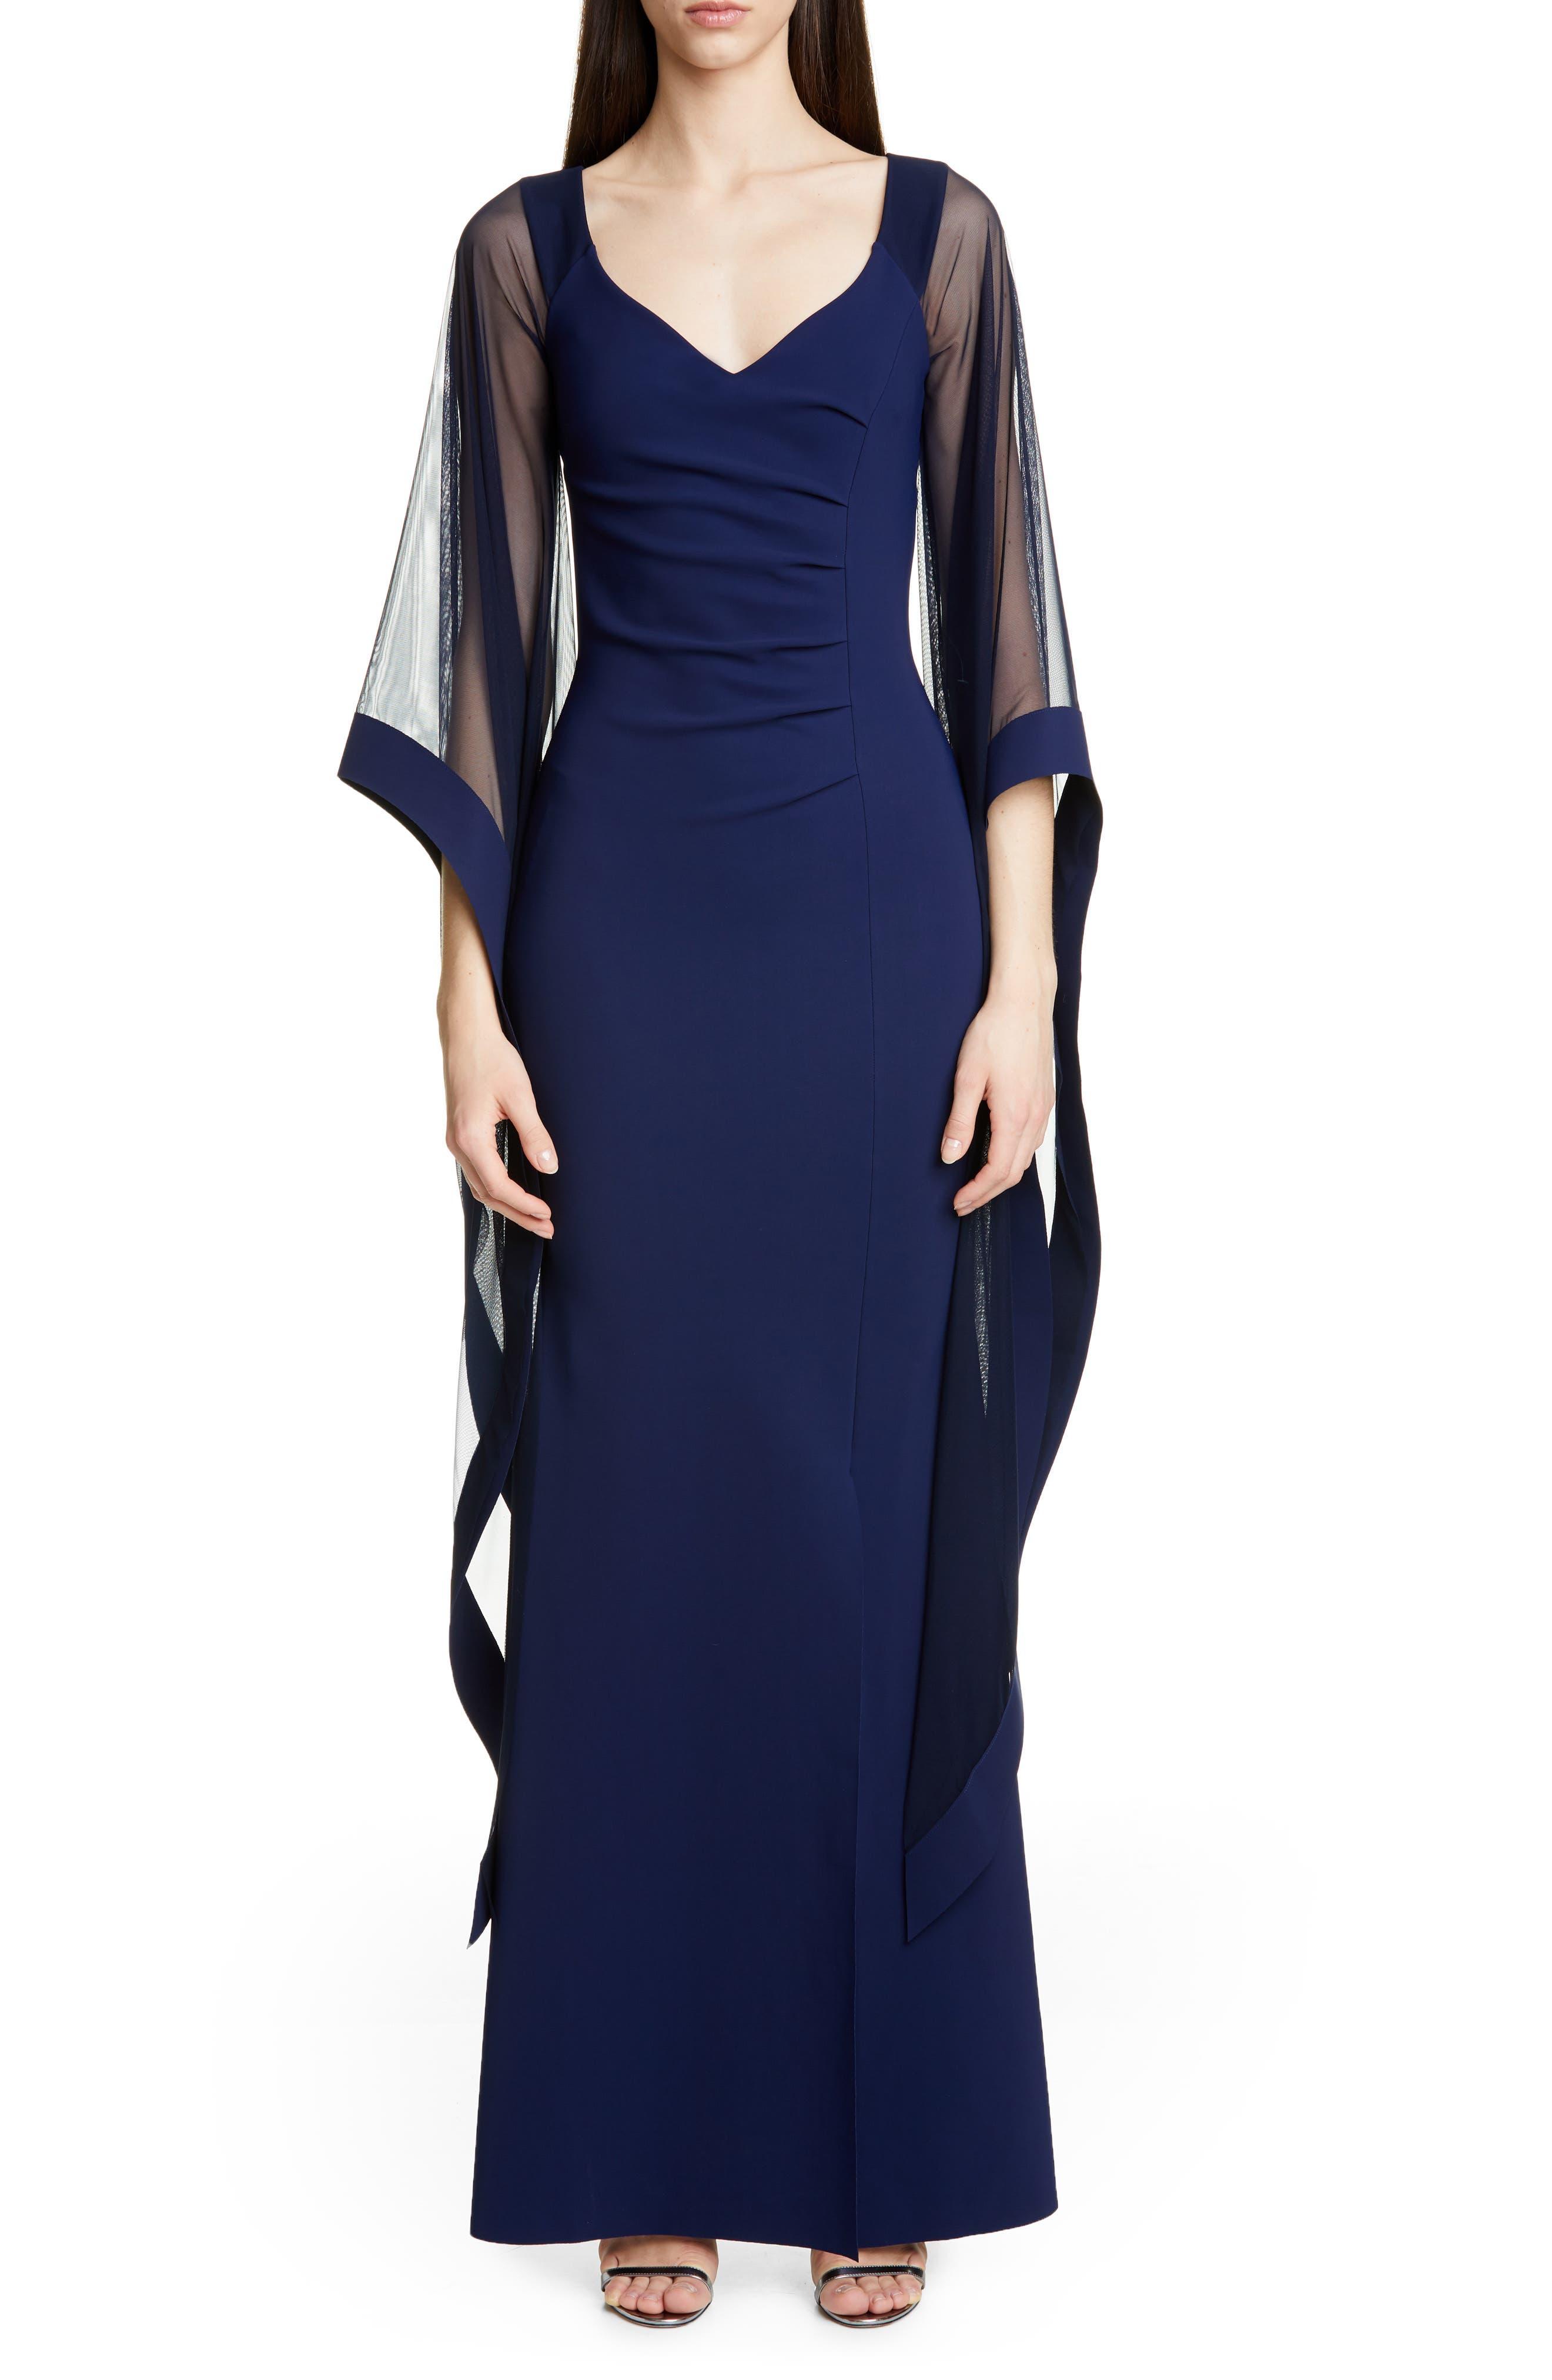 Chiara Boni La Petite Robe Melitea Draped Sleeve Evening Gown, 50 IT - Blue